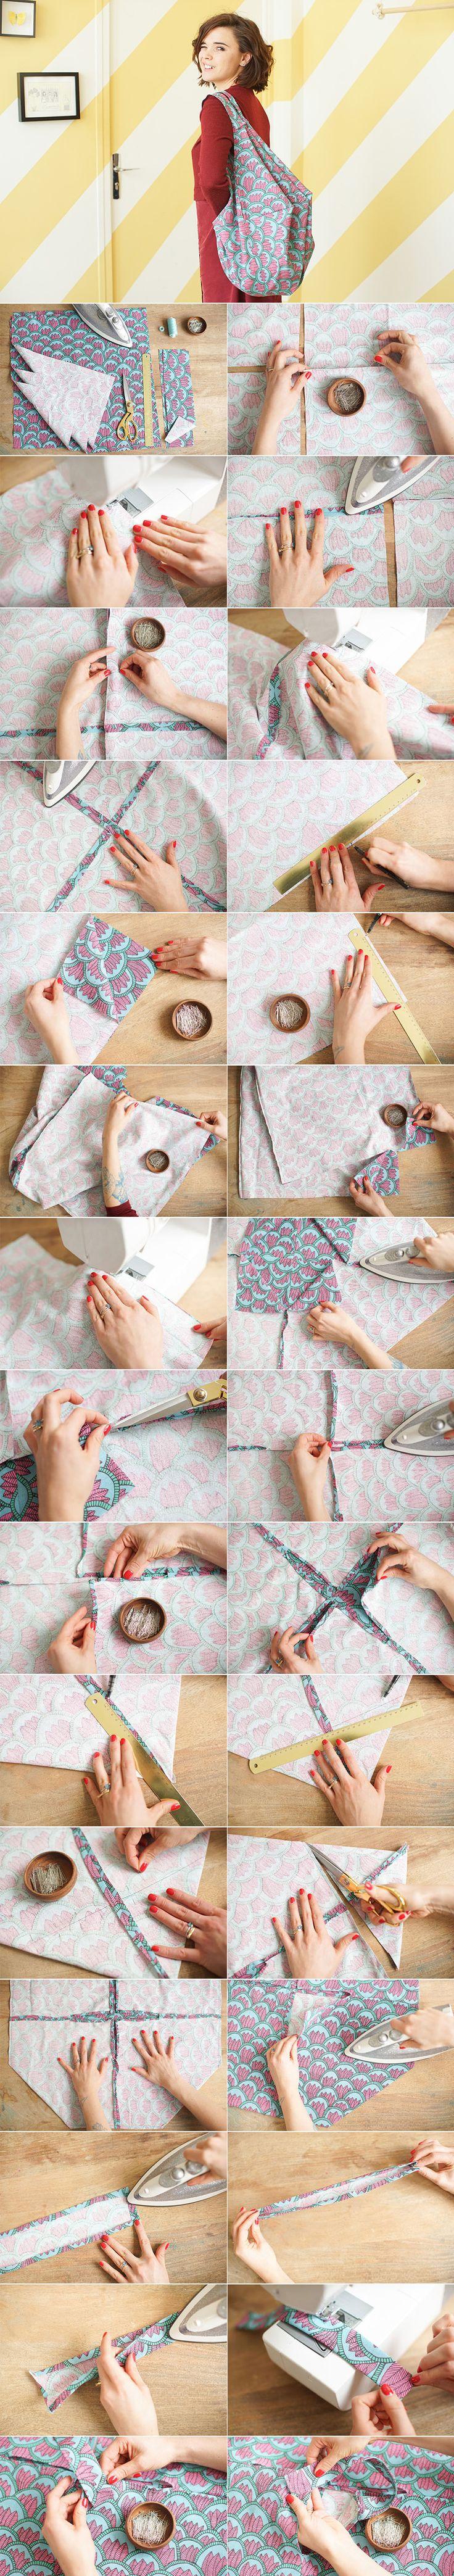 DIY du Tote Bag Losange http://makemylemonade.com/diy-tote-bag-losange/